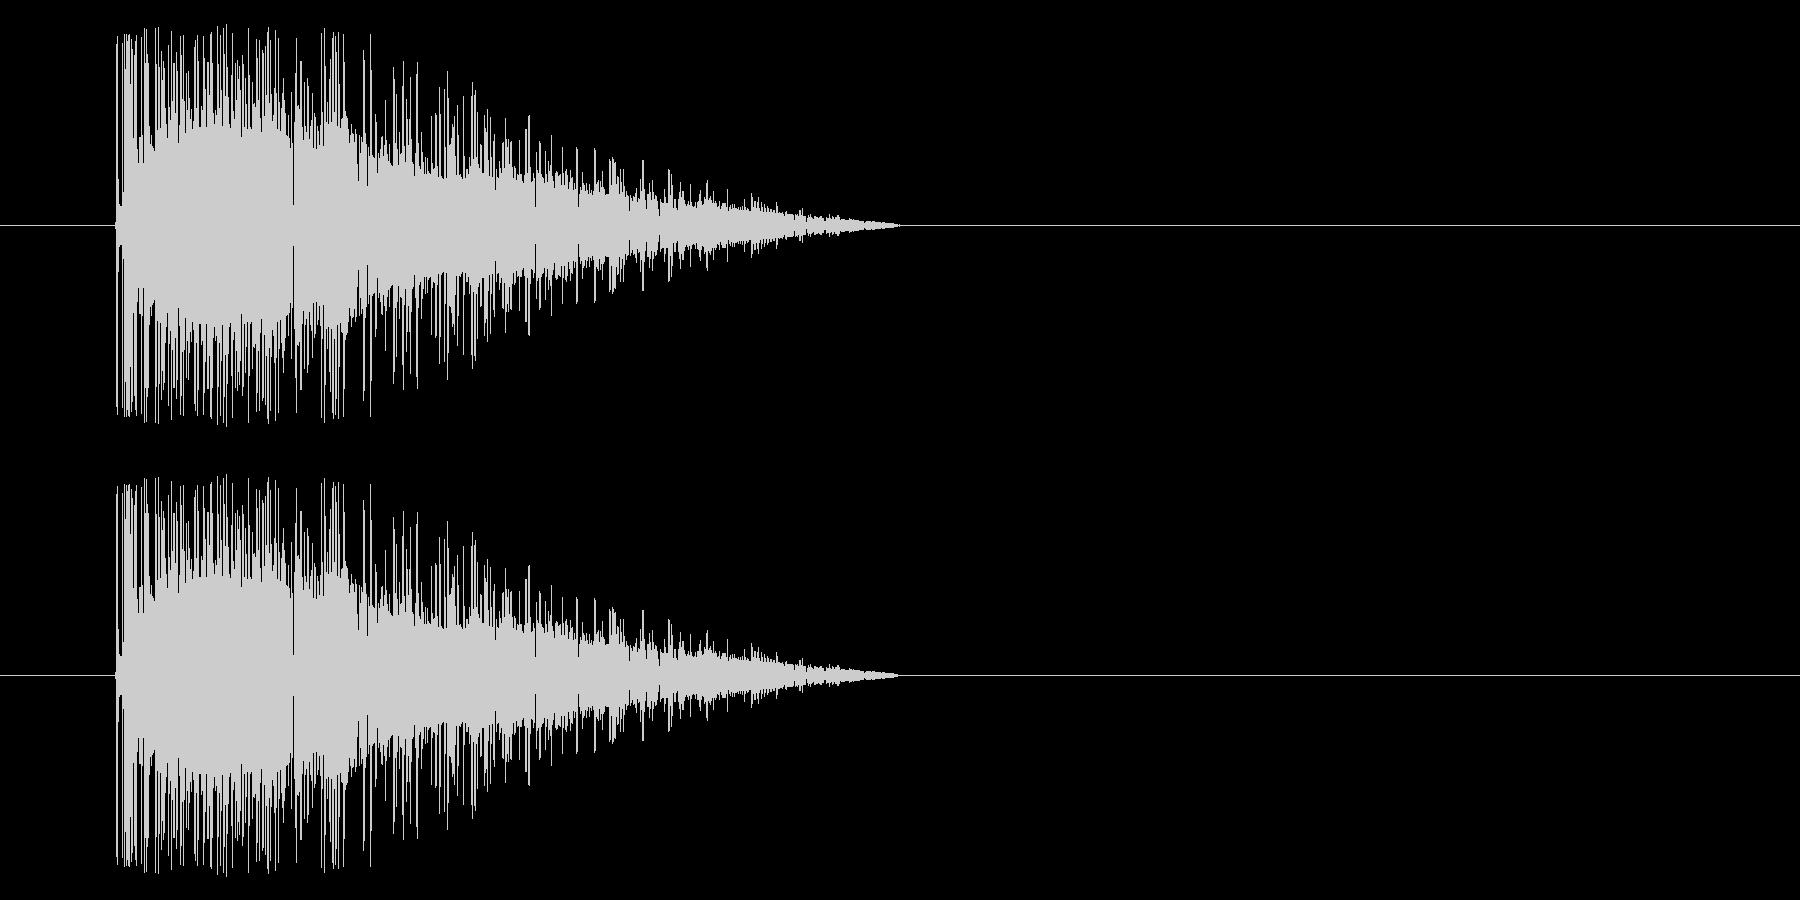 【アーケード 汎用01-18(ノイズ)】の未再生の波形